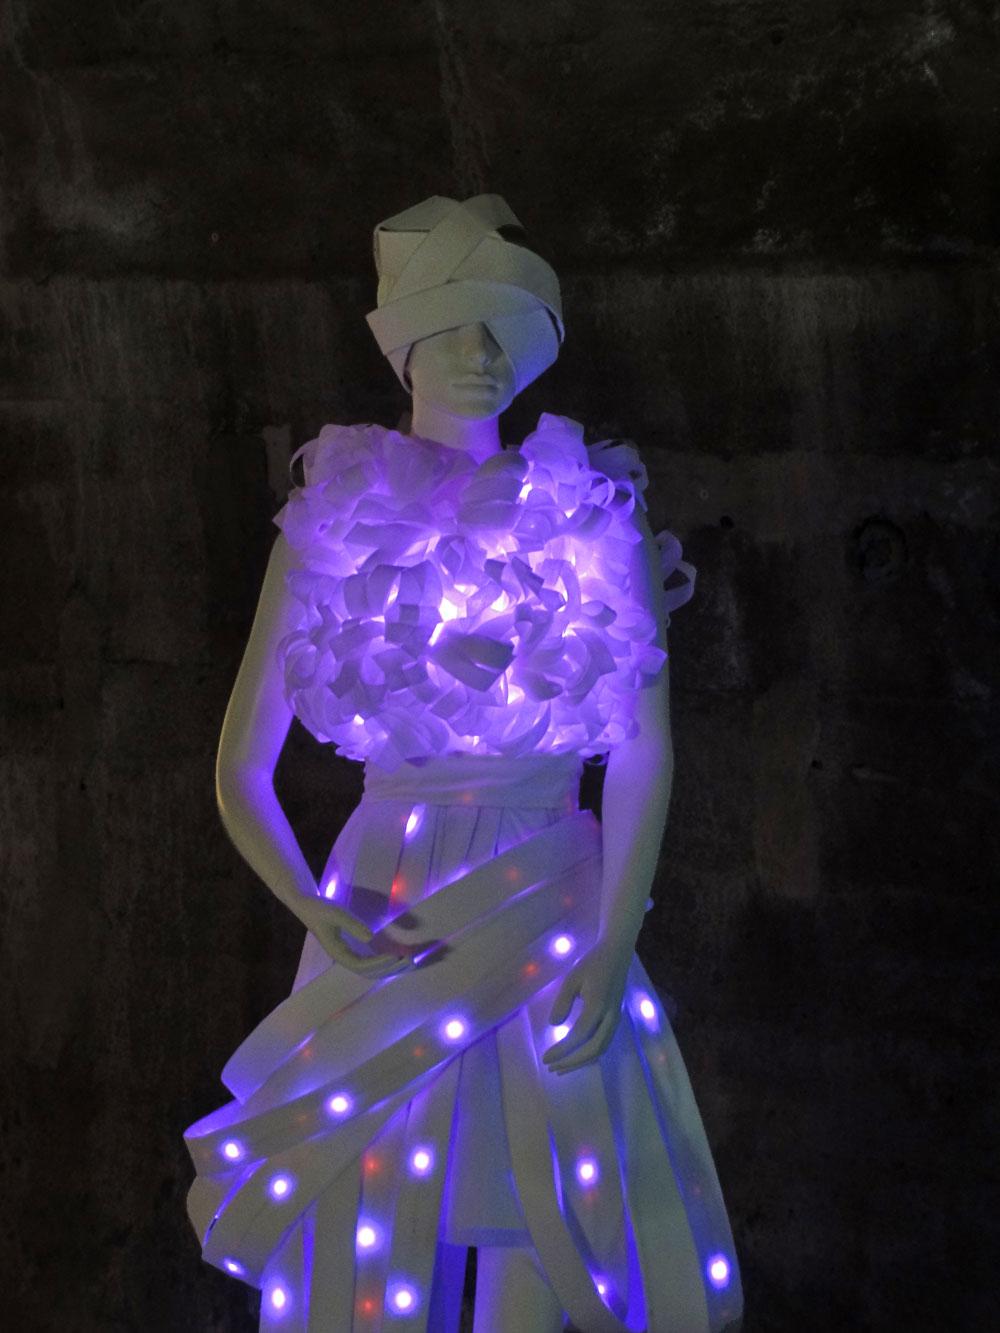 luminale-2016-frankfurt-kunstverein-montez-2